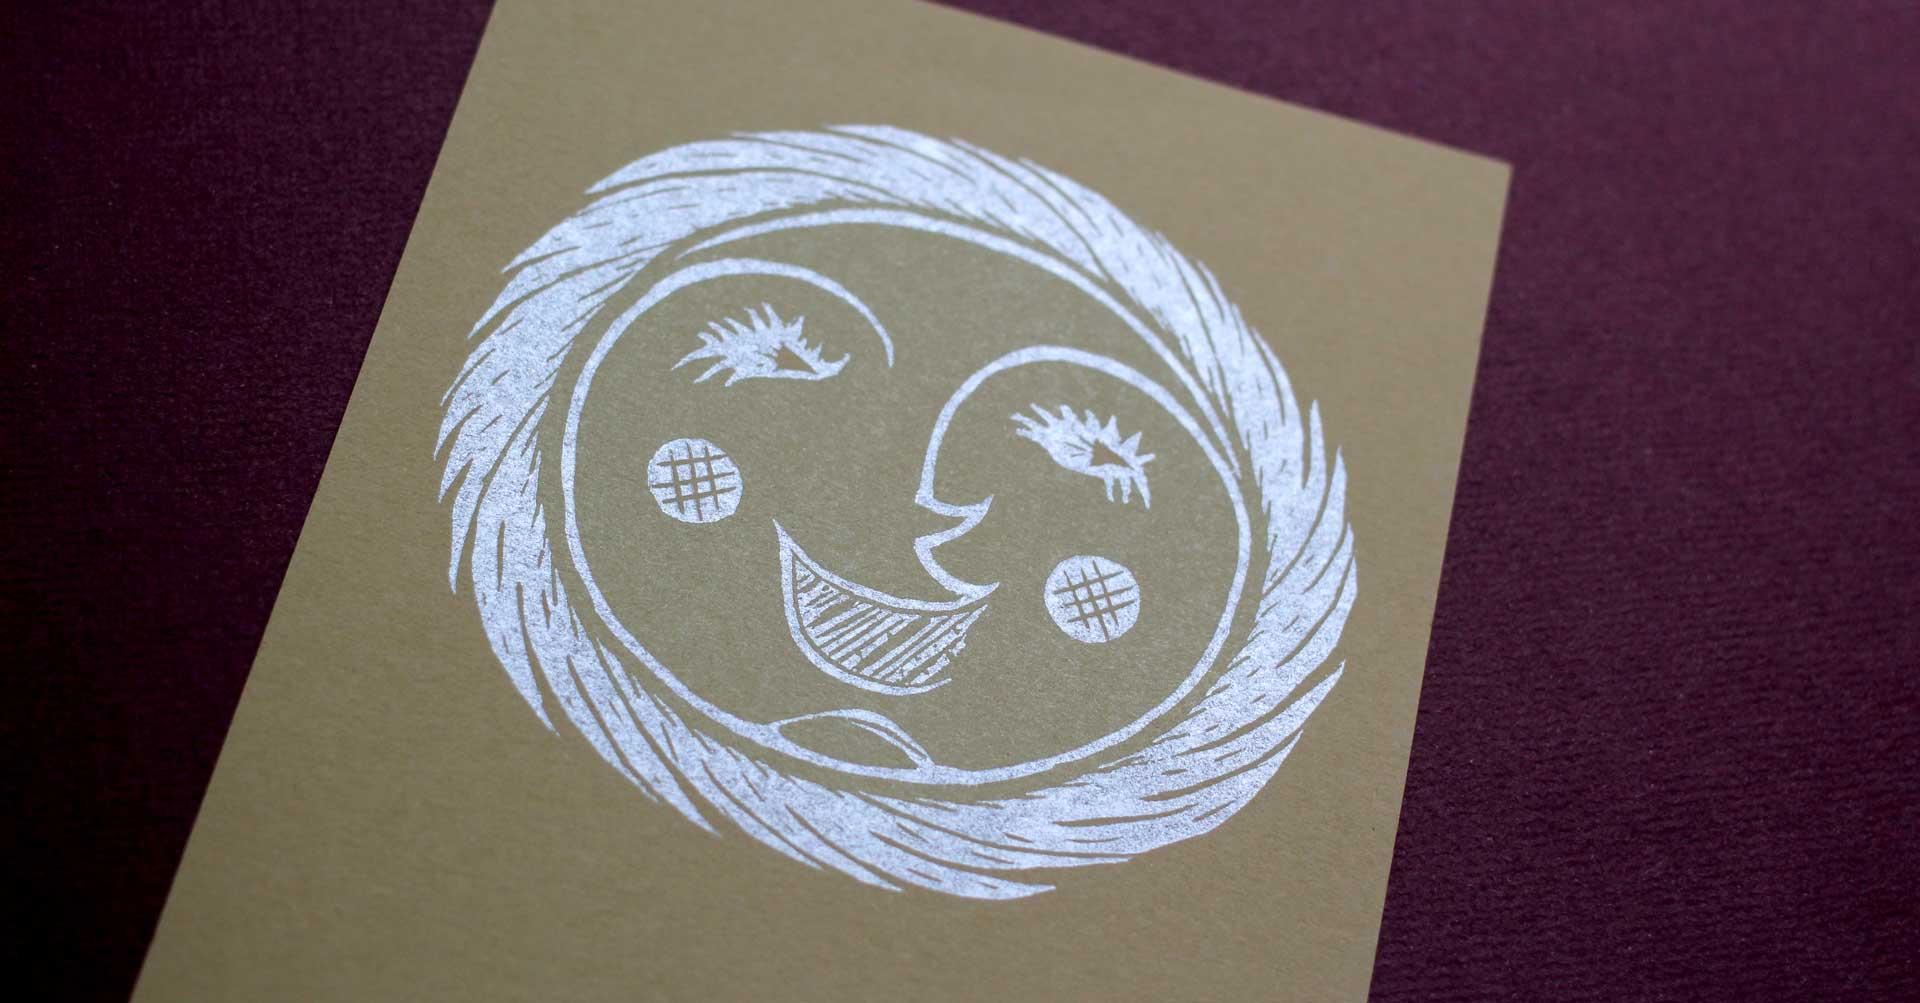 Sun letterpress woodcut illustration